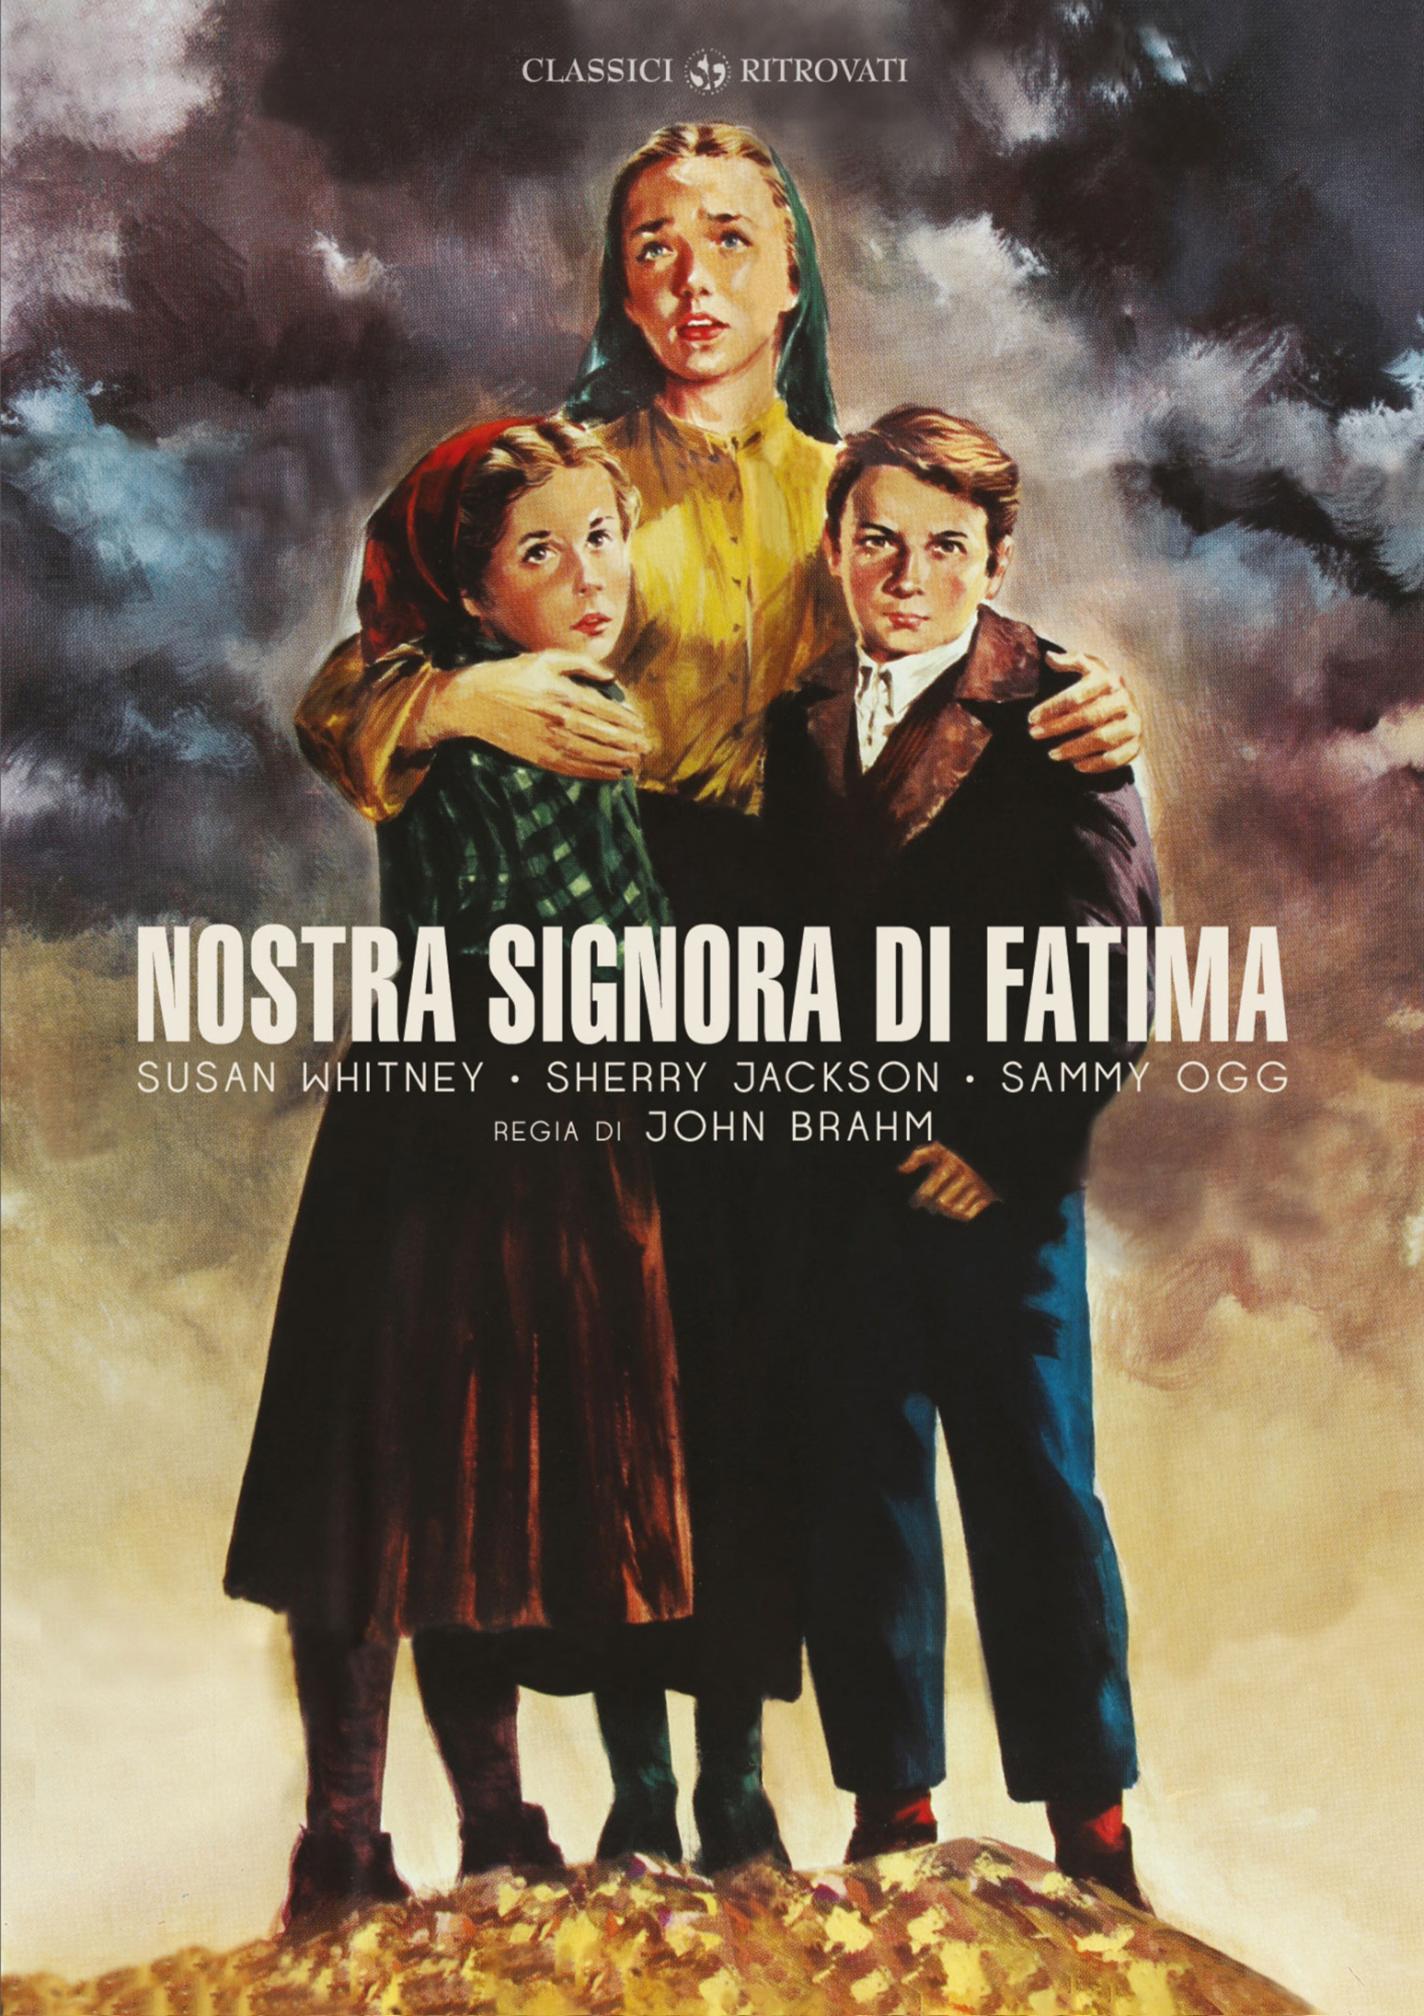 NOSTRA SIGNORA DI FATIMA (DVD)